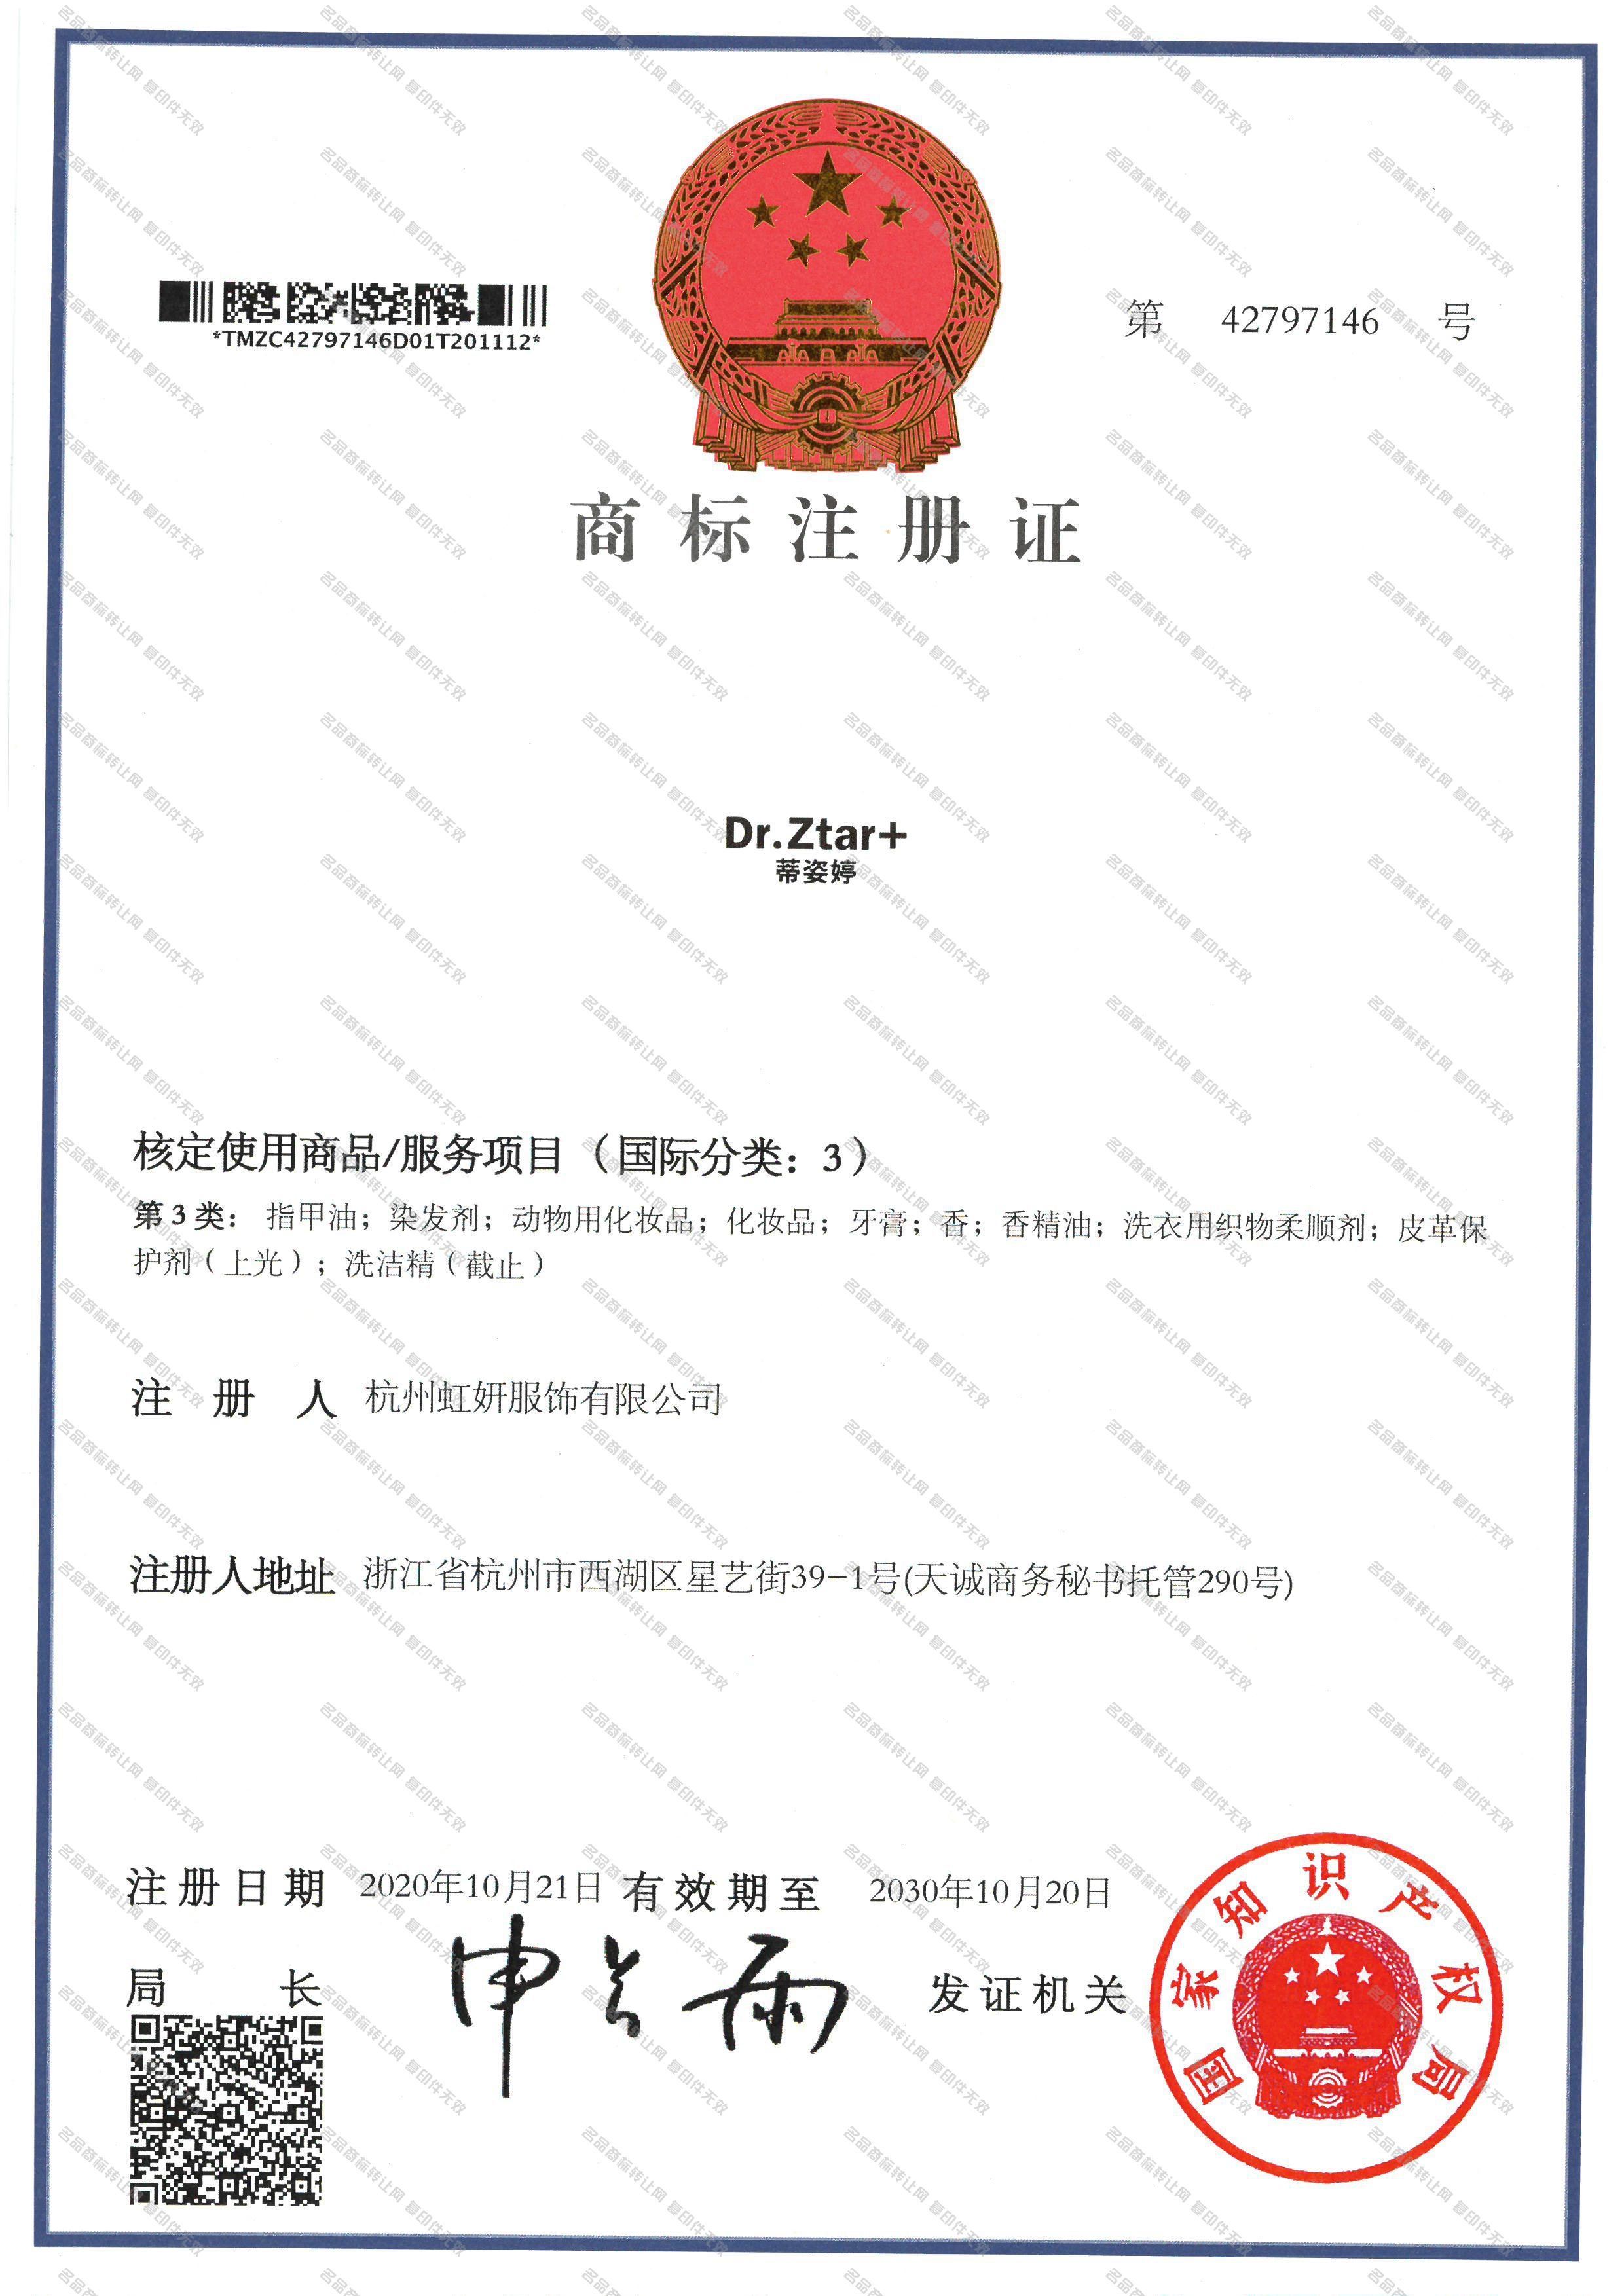 蒂姿婷 DR.ZTAR+注册证